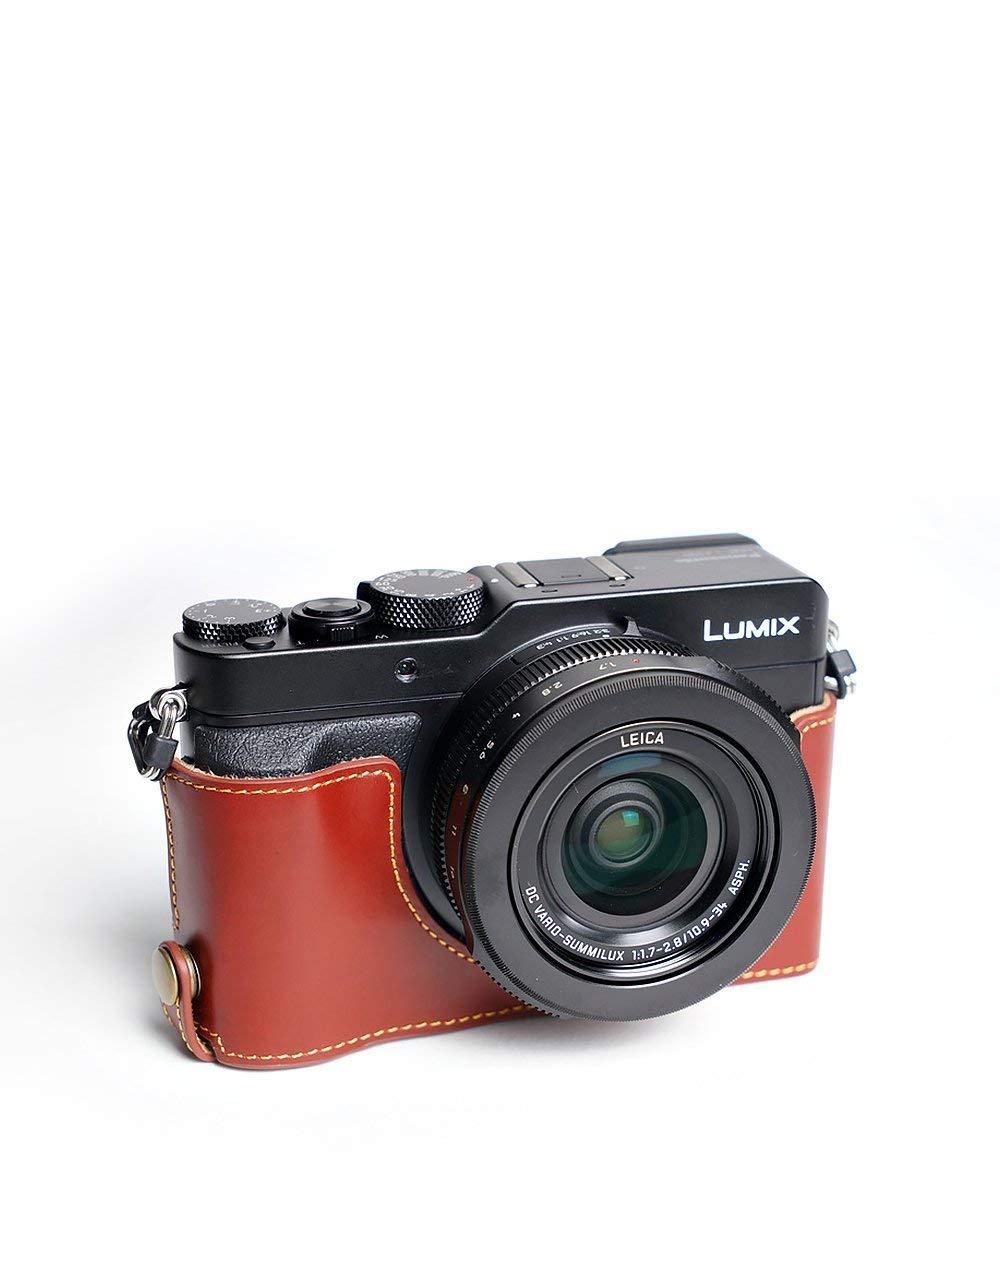 パナソニック LX100 用本革カメラケース(電池,SDカード交換可) ブラウン B07STB6TNG カメラケース&ストラップTP1881 FreeSize